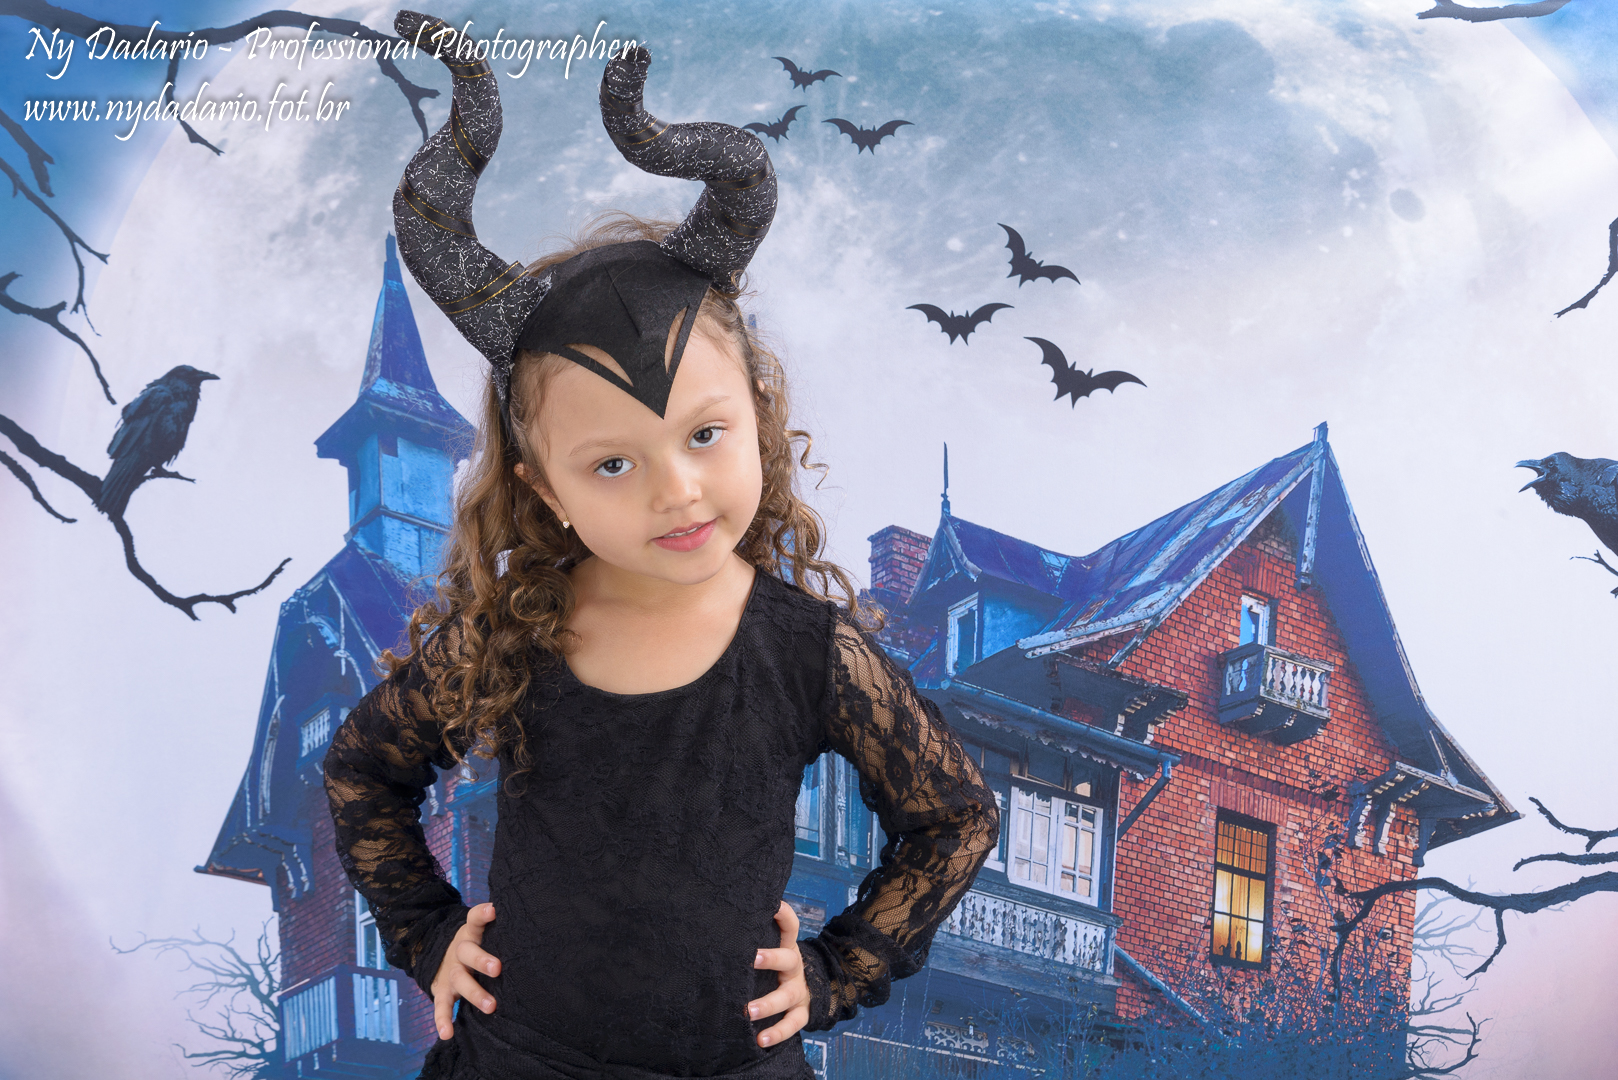 Ensaio Fotográfico de Halloween - Dia das Bruxas - em estúdio fotográfico, tatuapé, zona leste  SP